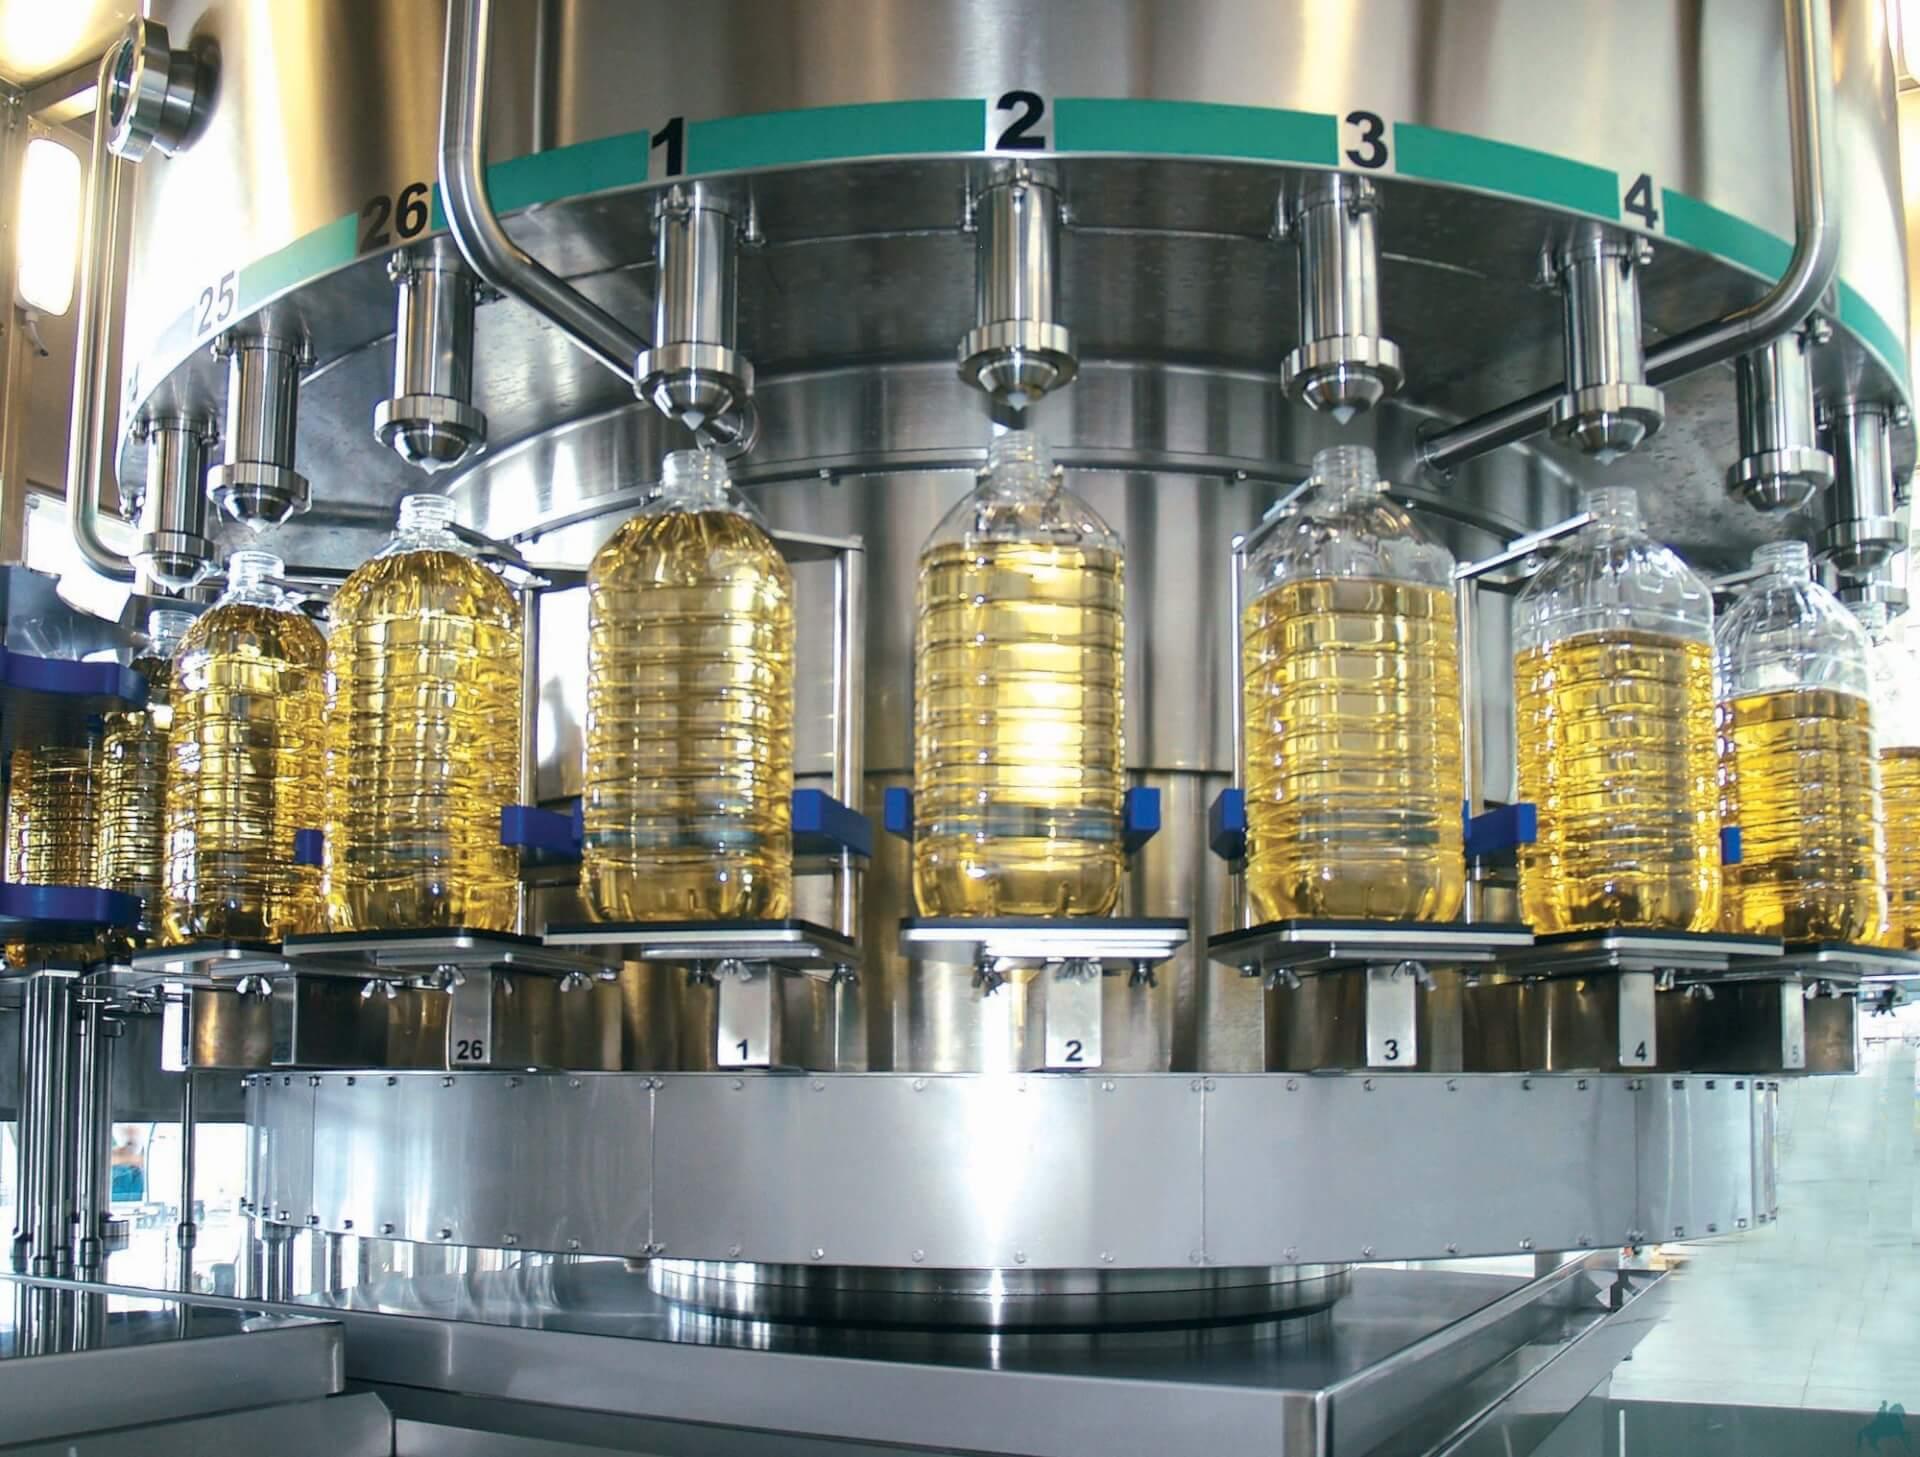 Итоги 2017 года: Изготовление подсолнечного масла в Украине